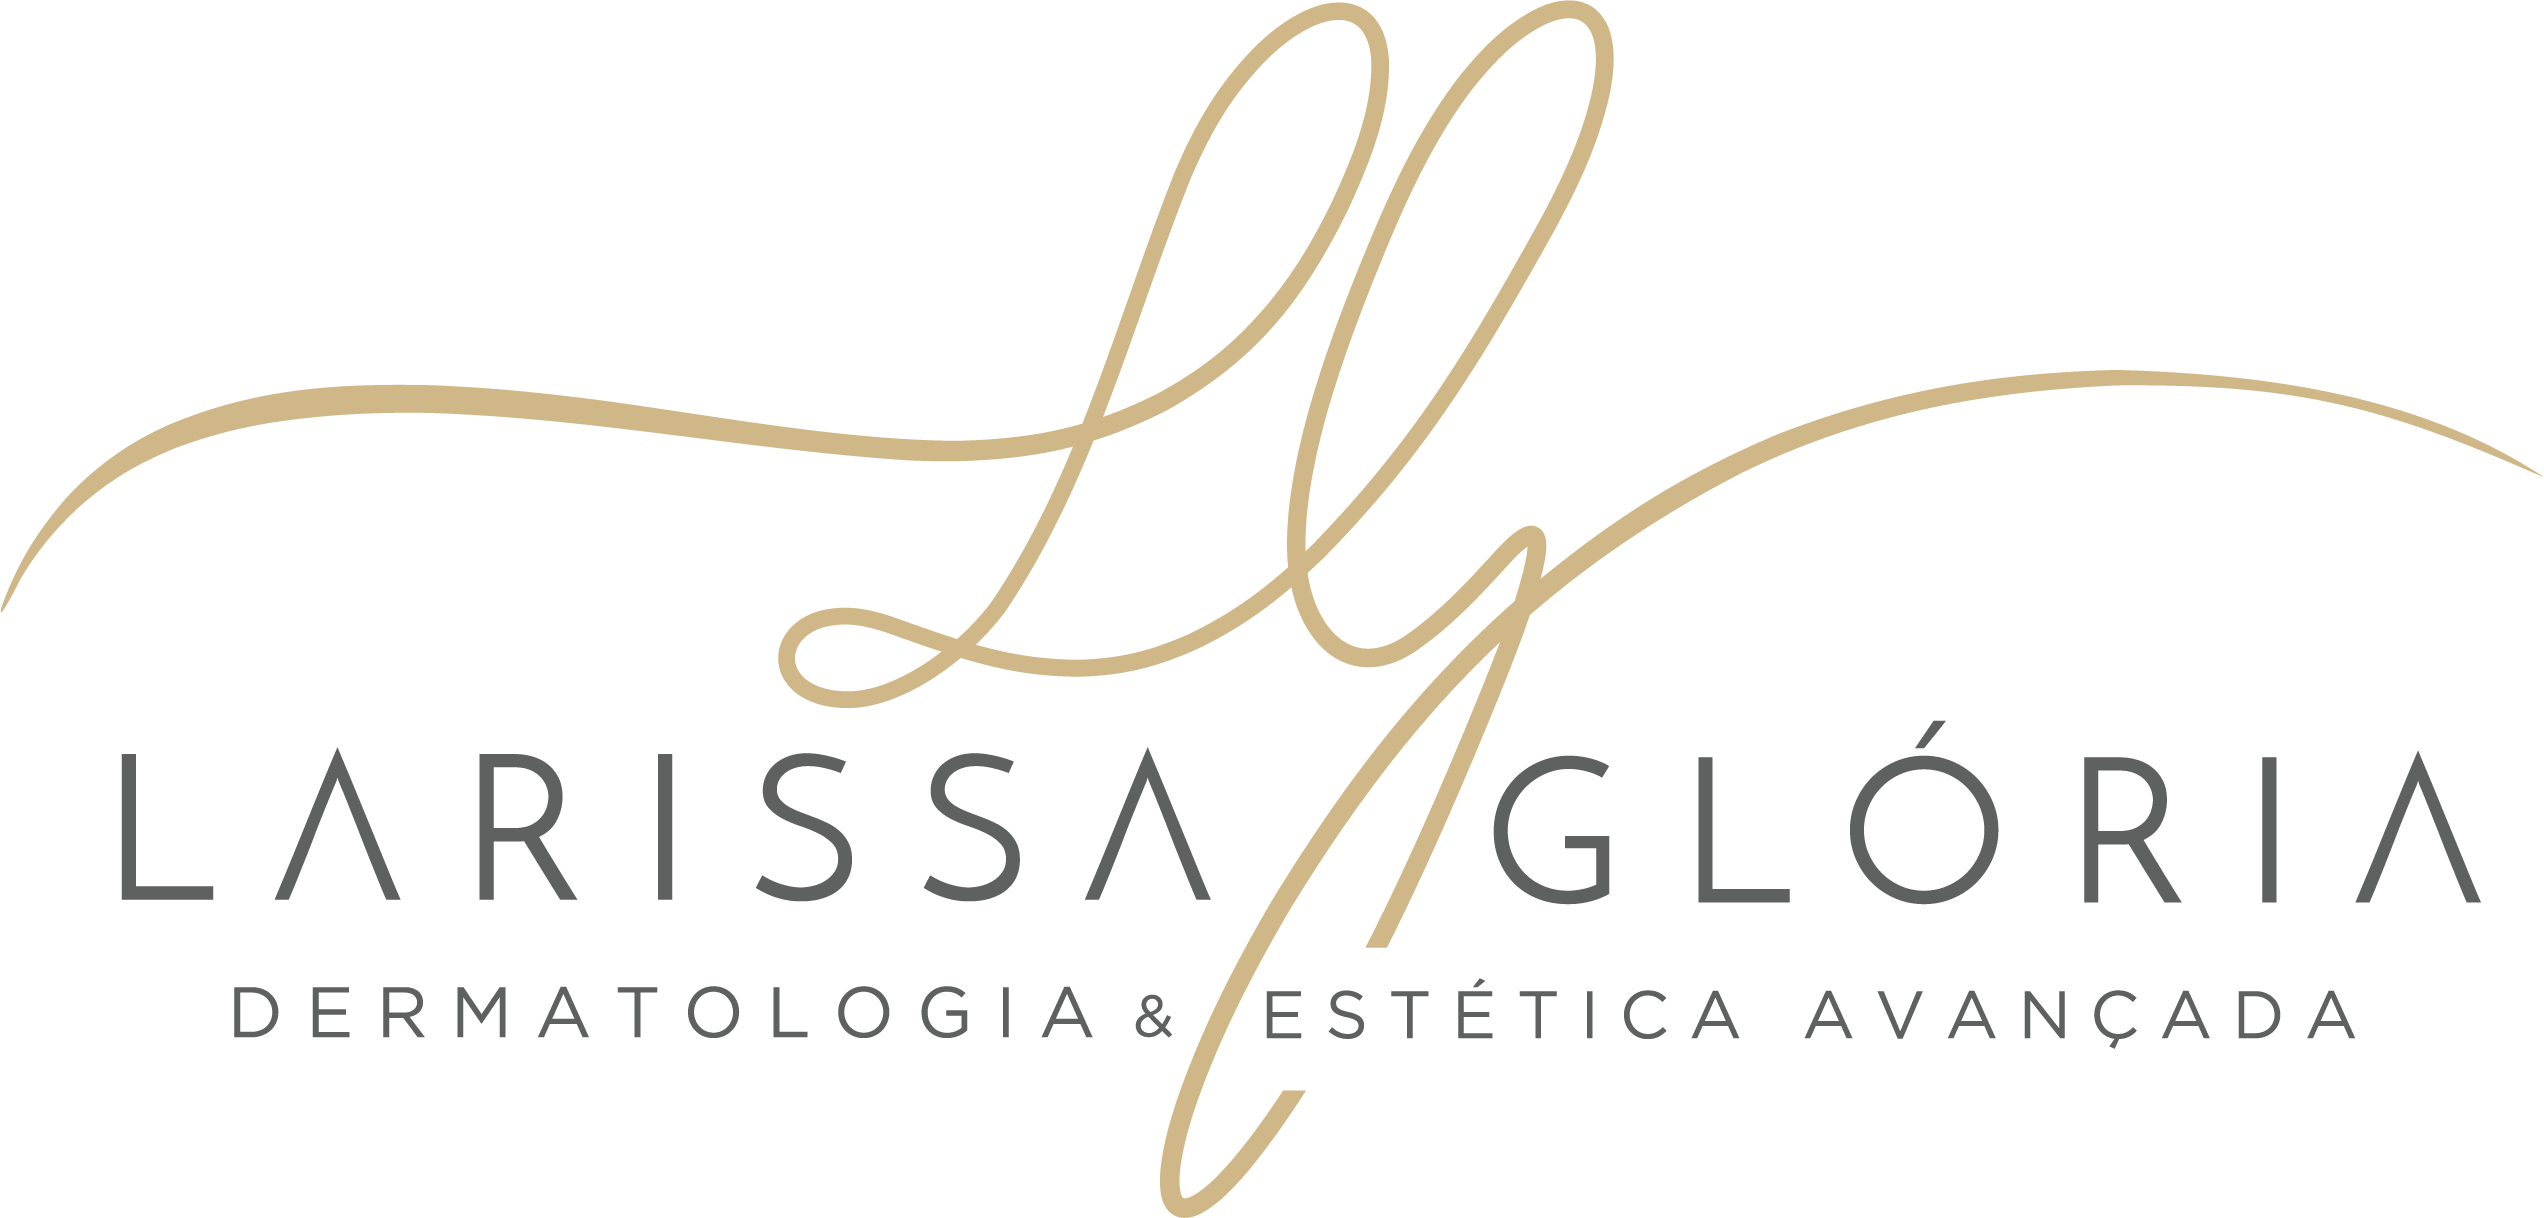 Clínica Larissa Glória Dermatologista João Pessoa PB